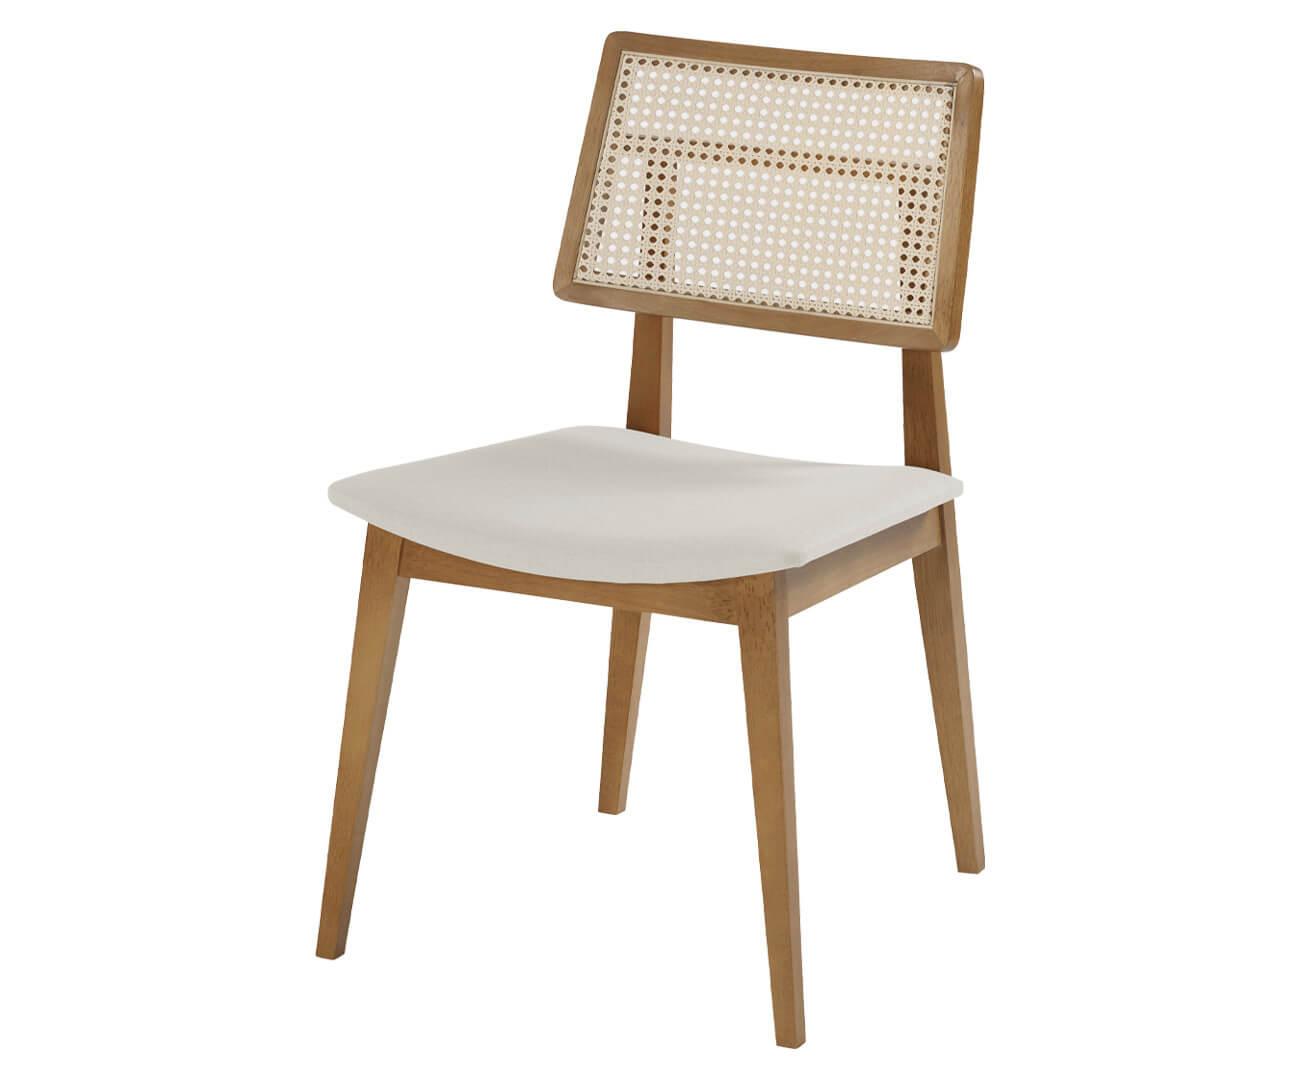 cadeira com palha cadiz 1325